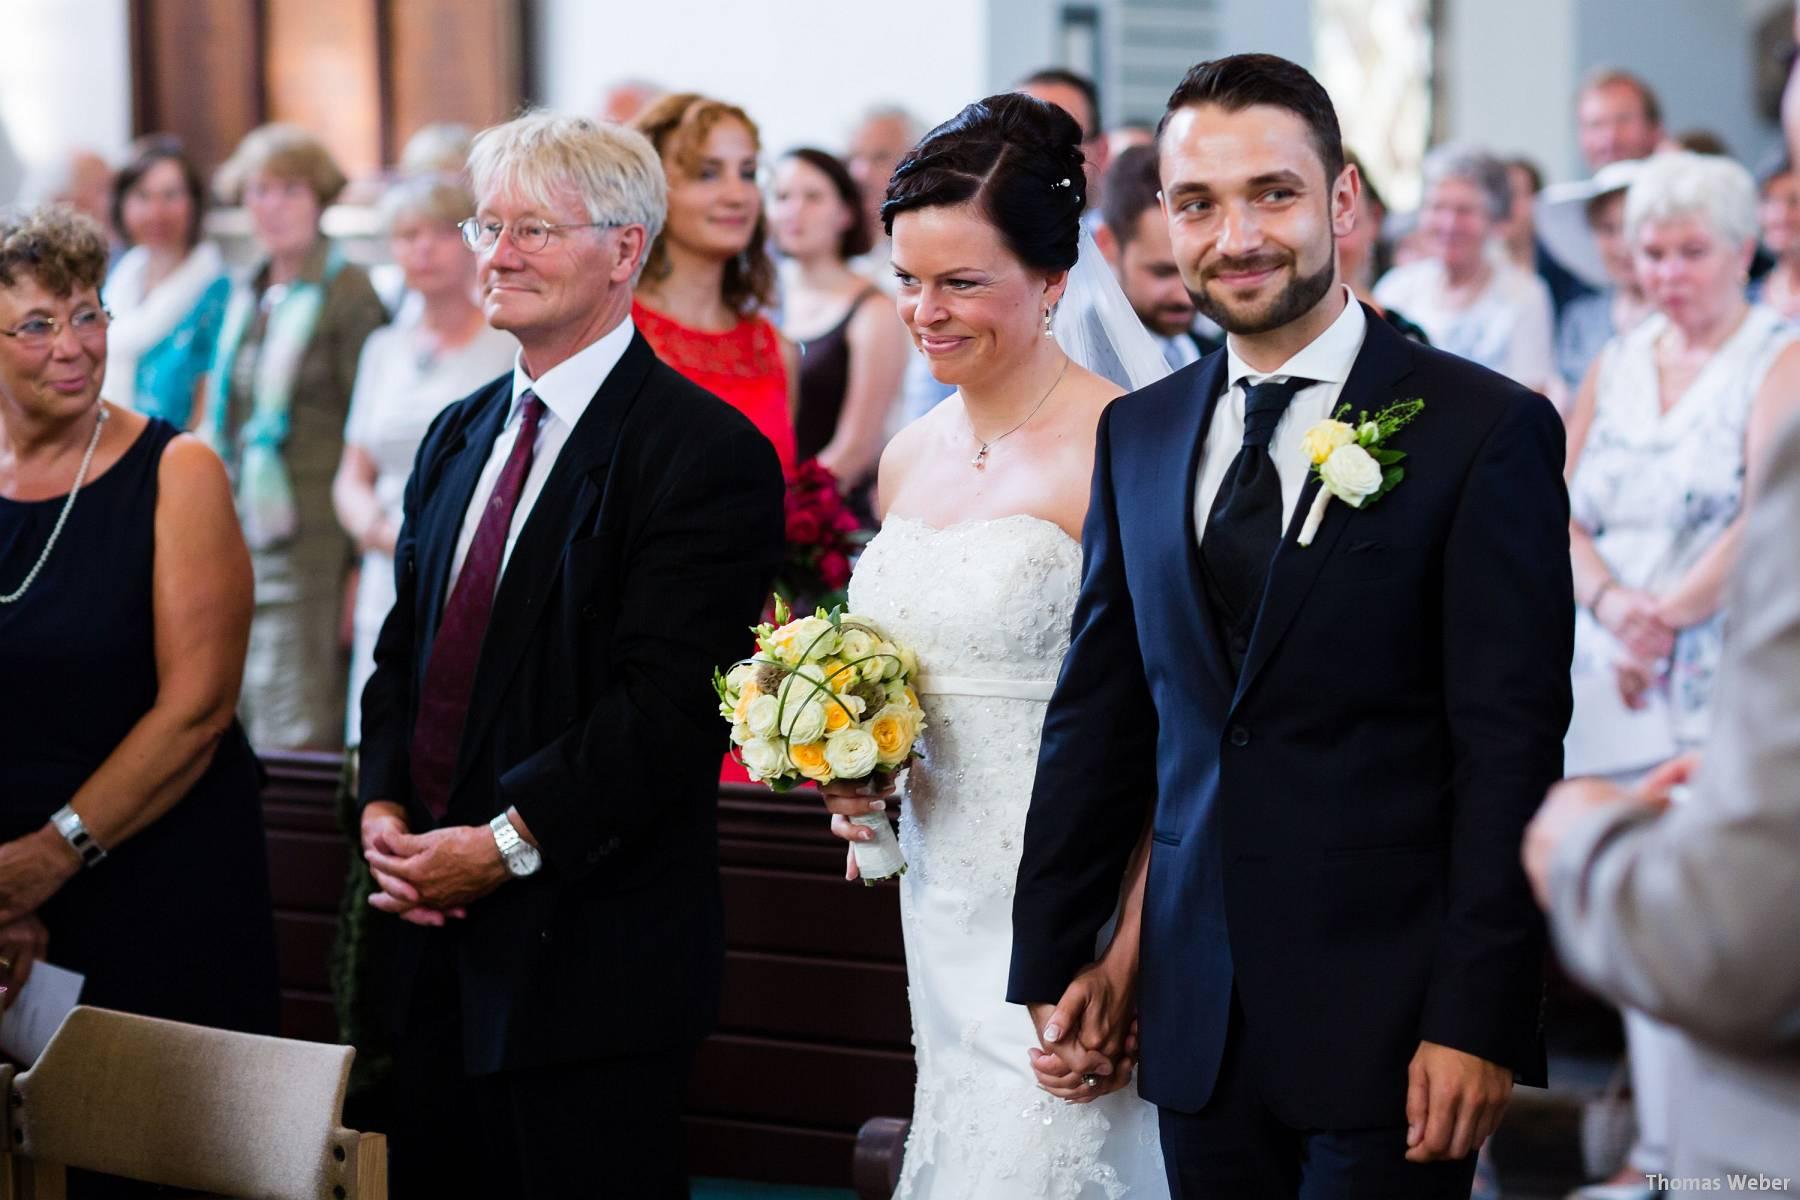 Hochzeitsfotograf Oldenburg: Kirchliche Trauung in der Garnisonkirche Oldenburg und Feier im Landhaus Etzhorn Oldenburg (4)